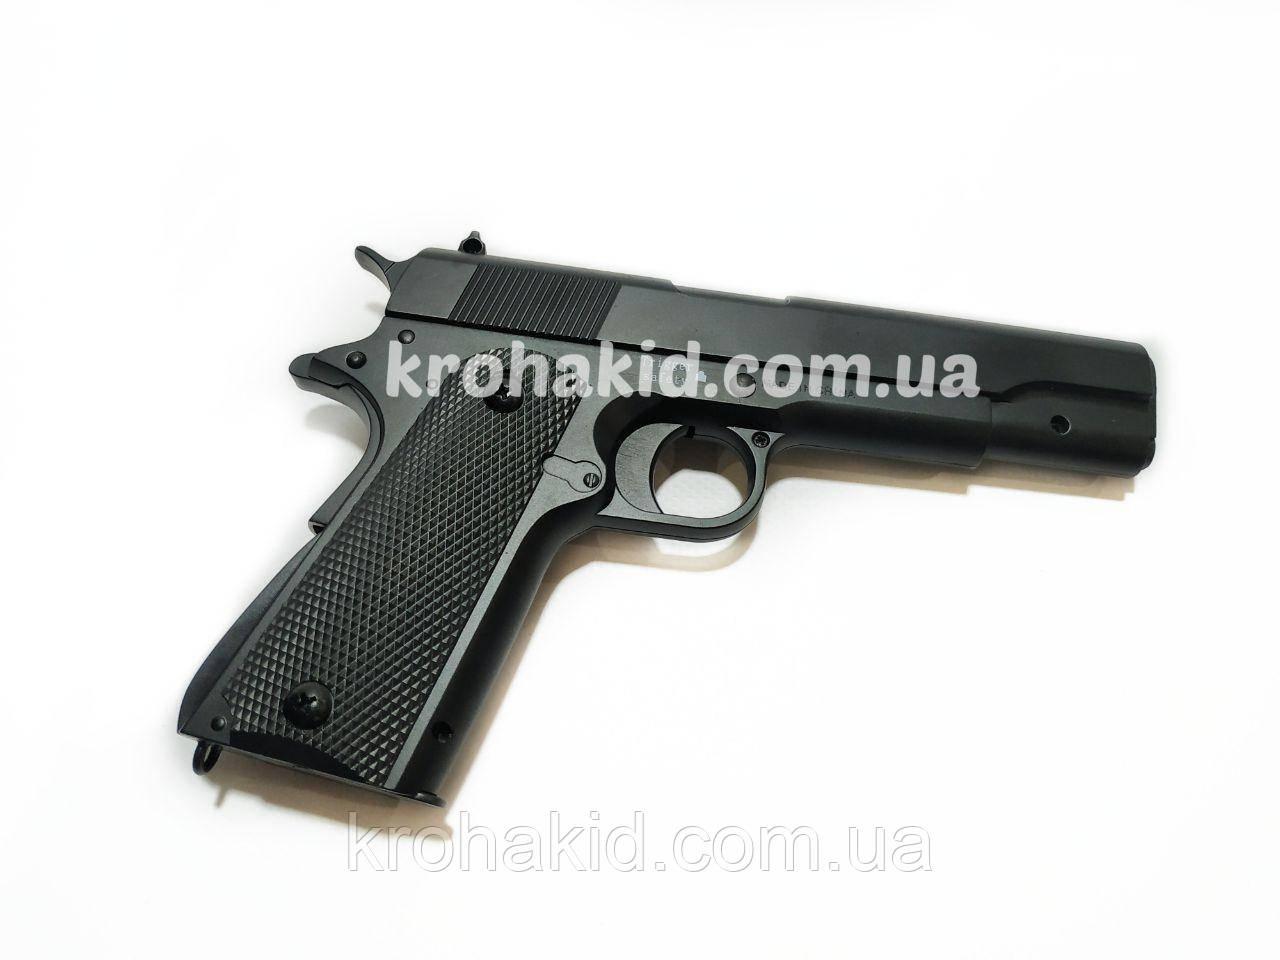 Игрушечный пистолет на пульках металлический детский CYMA ZM19 / ЗМ 19 (точная копия Colt 1911)